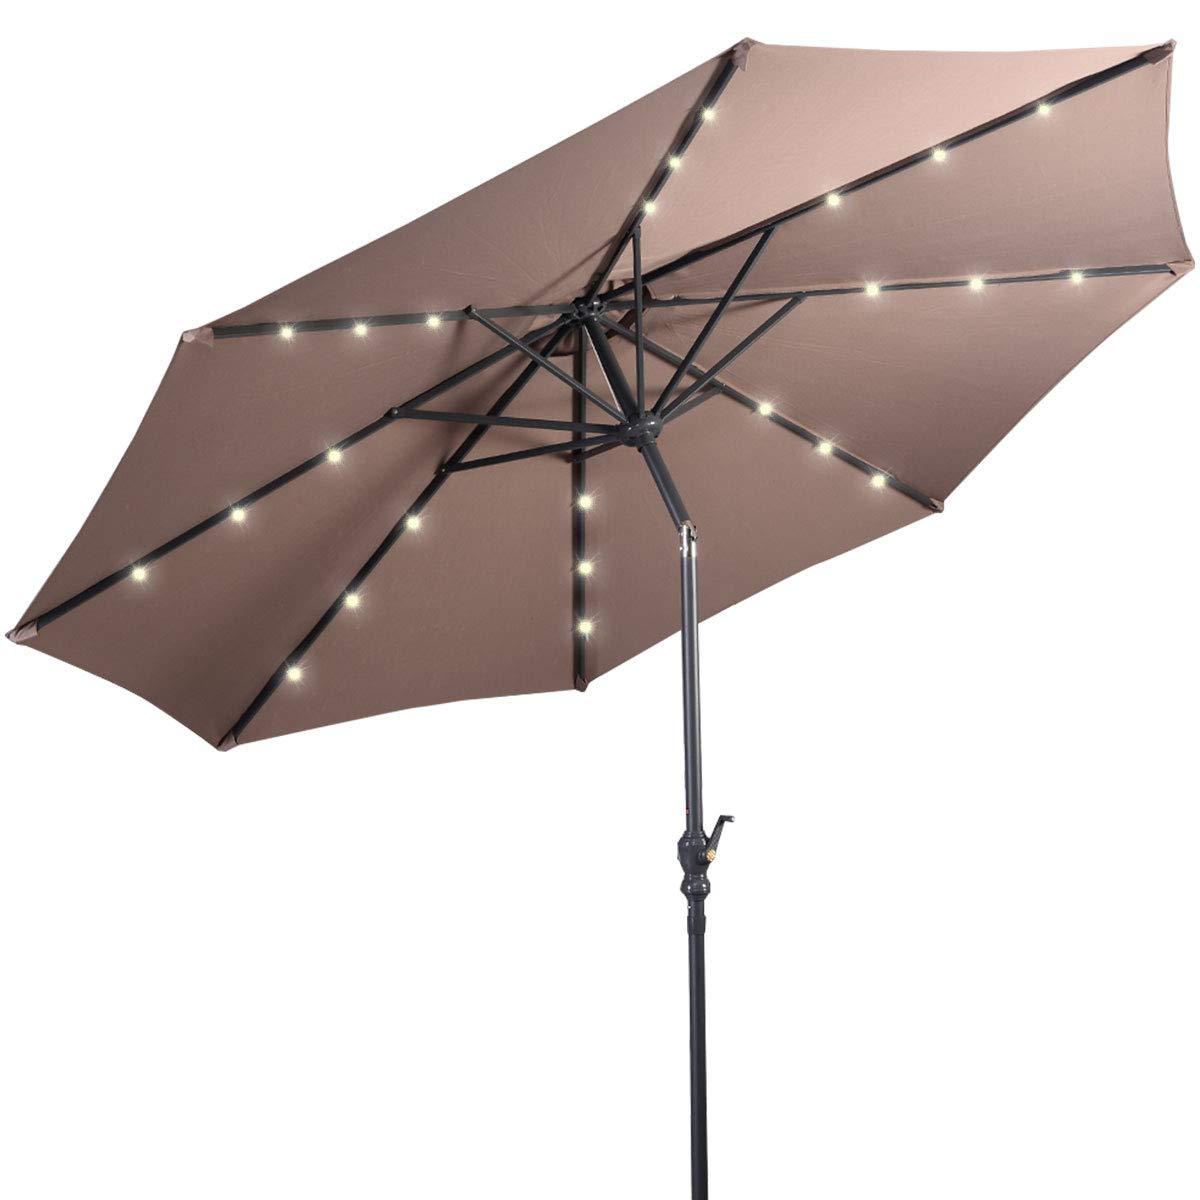 Giantex 10ft Solar Patio Umbrella Sunbrella with Lights, 8 Ribs Market Steel Tilt w/Crank for Garden, Deck, Backyard, Pool Indoor Outdoor Use